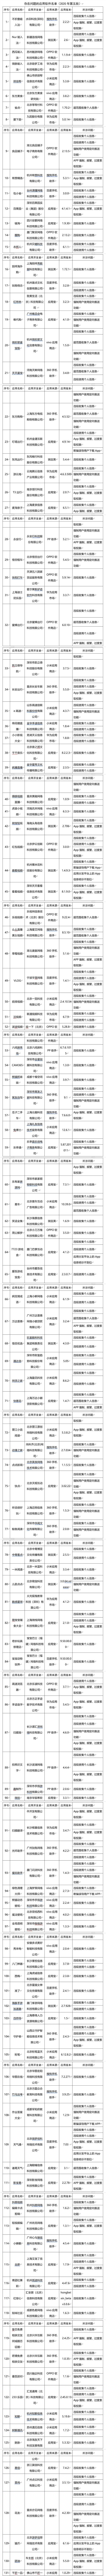 工信部通报131款侵害用户权益行为APP:脉脉等在列插图